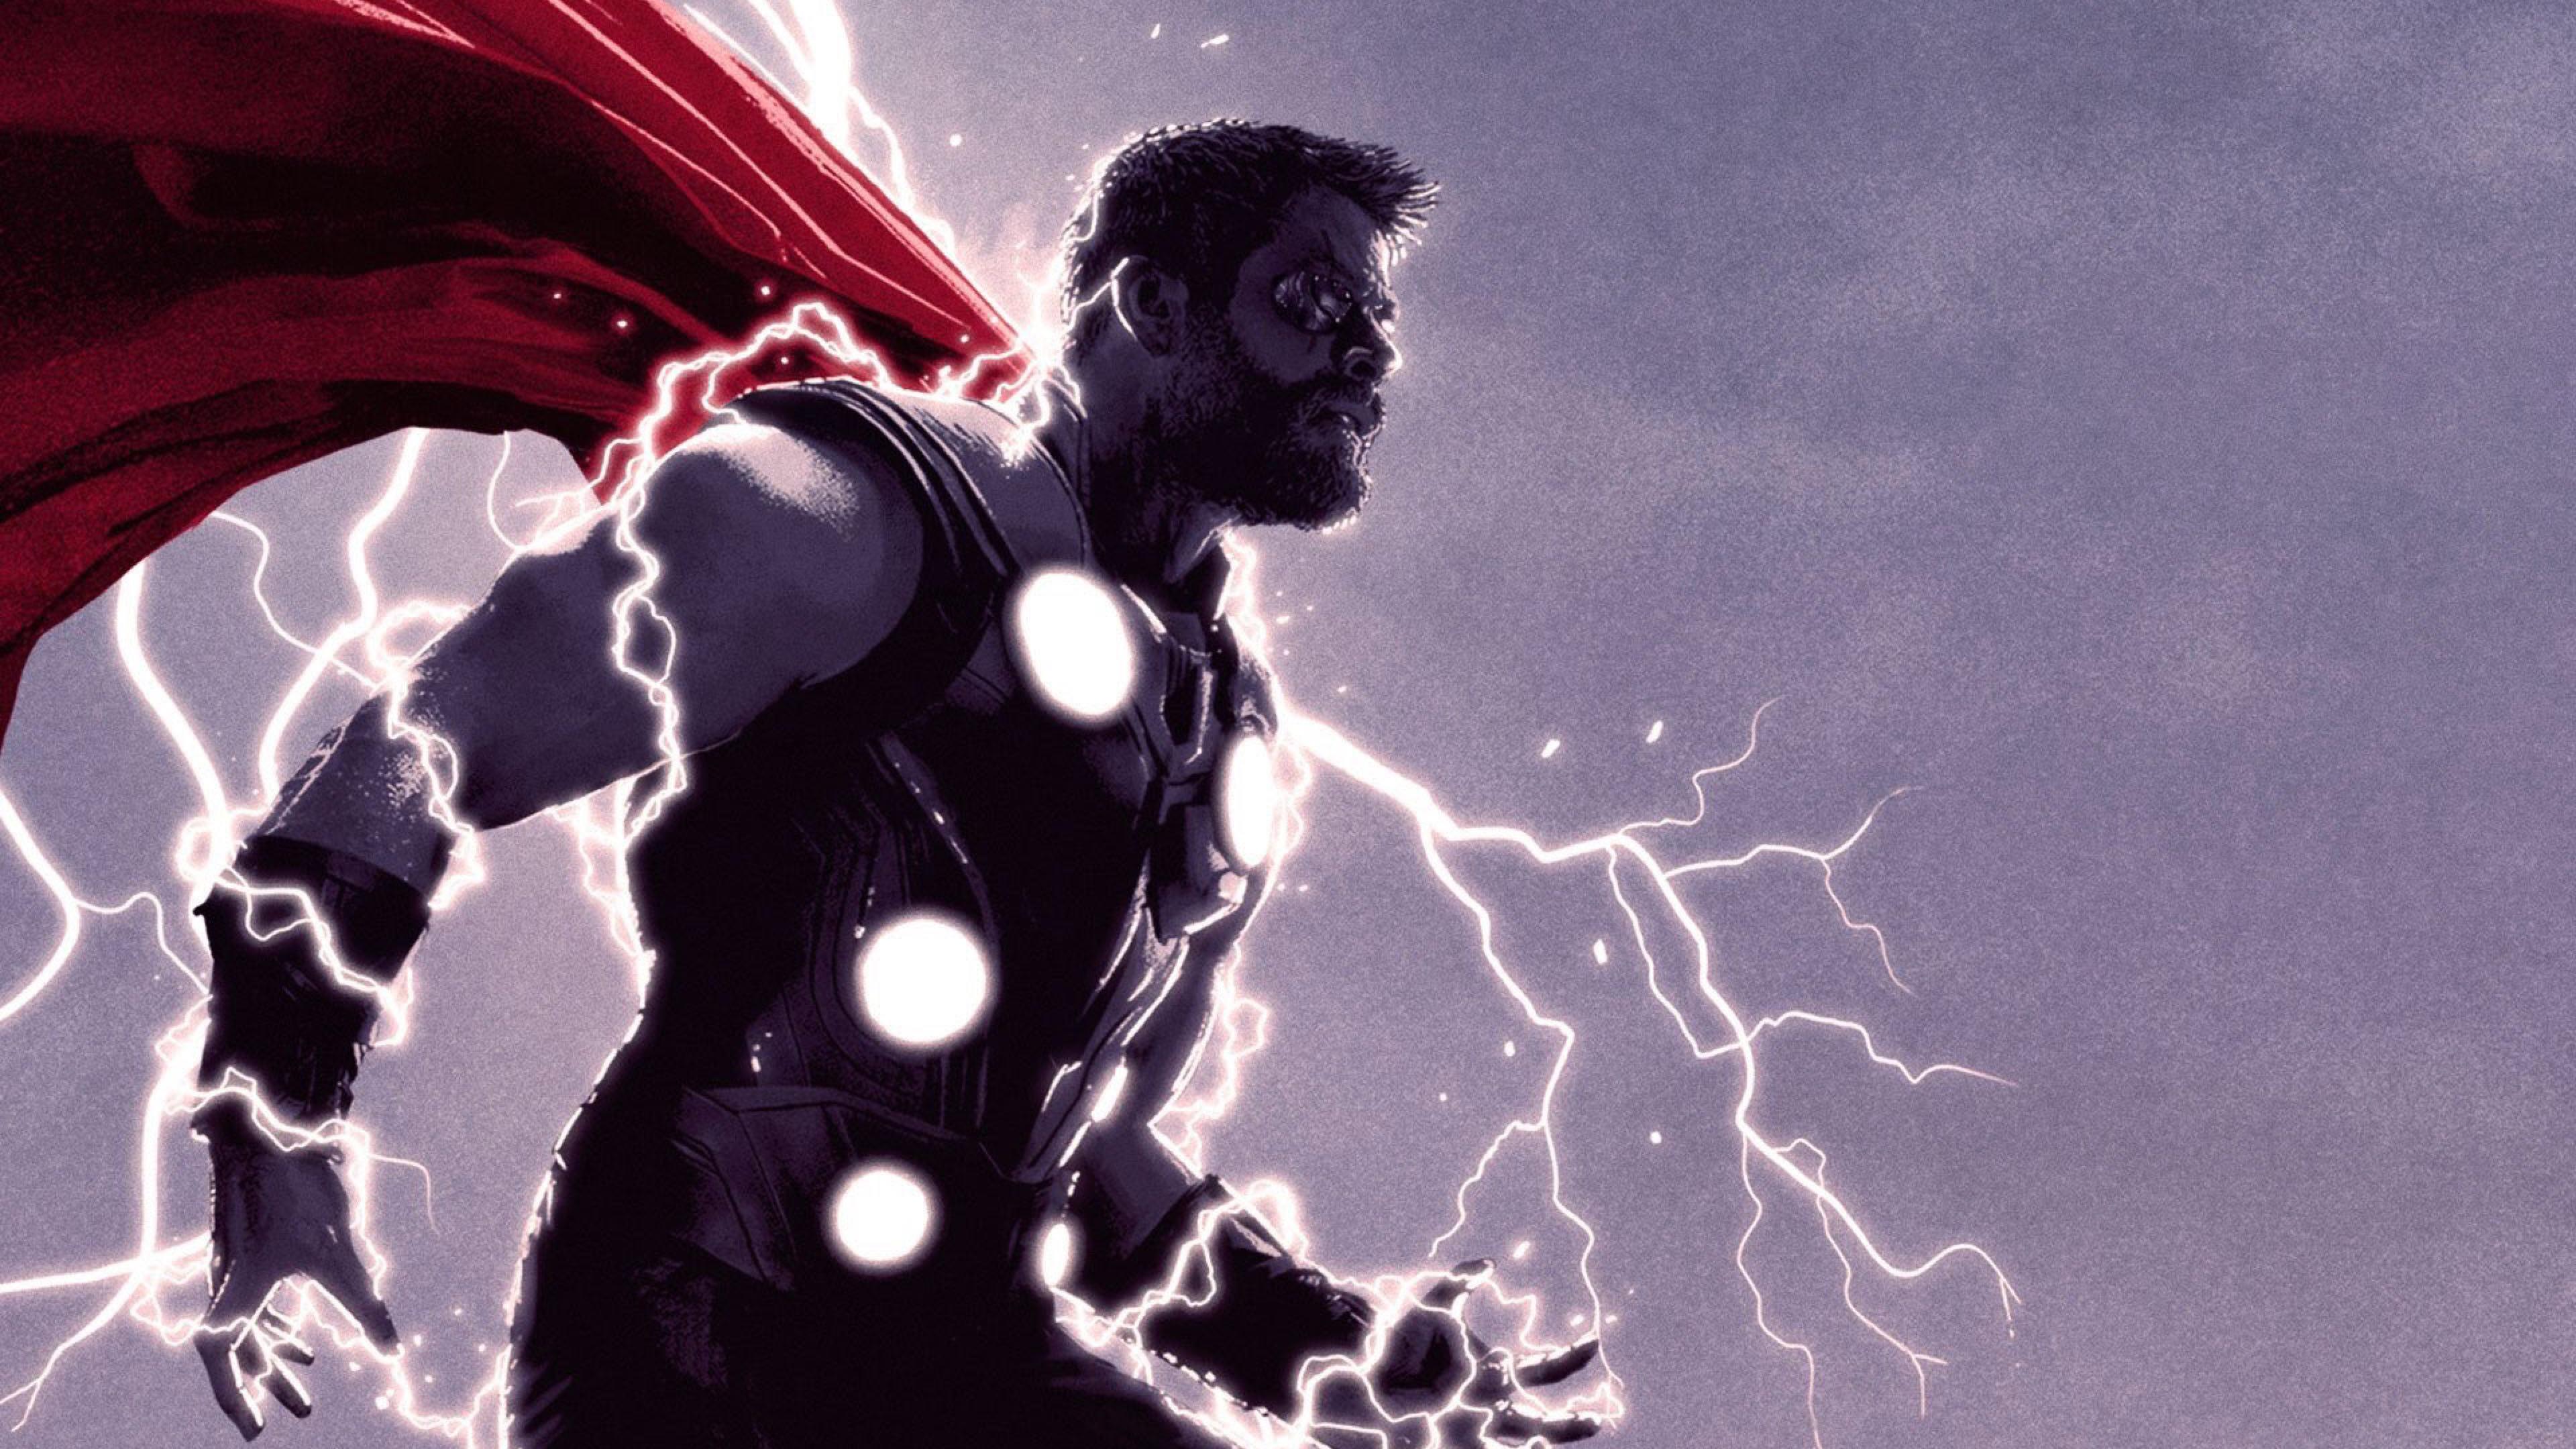 thor thunder lighting 1536523918 - Thor Thunder Lighting - thor wallpapers, superheroes wallpapers, hd-wallpapers, digital art wallpapers, artwork wallpapers, 4k-wallpapers